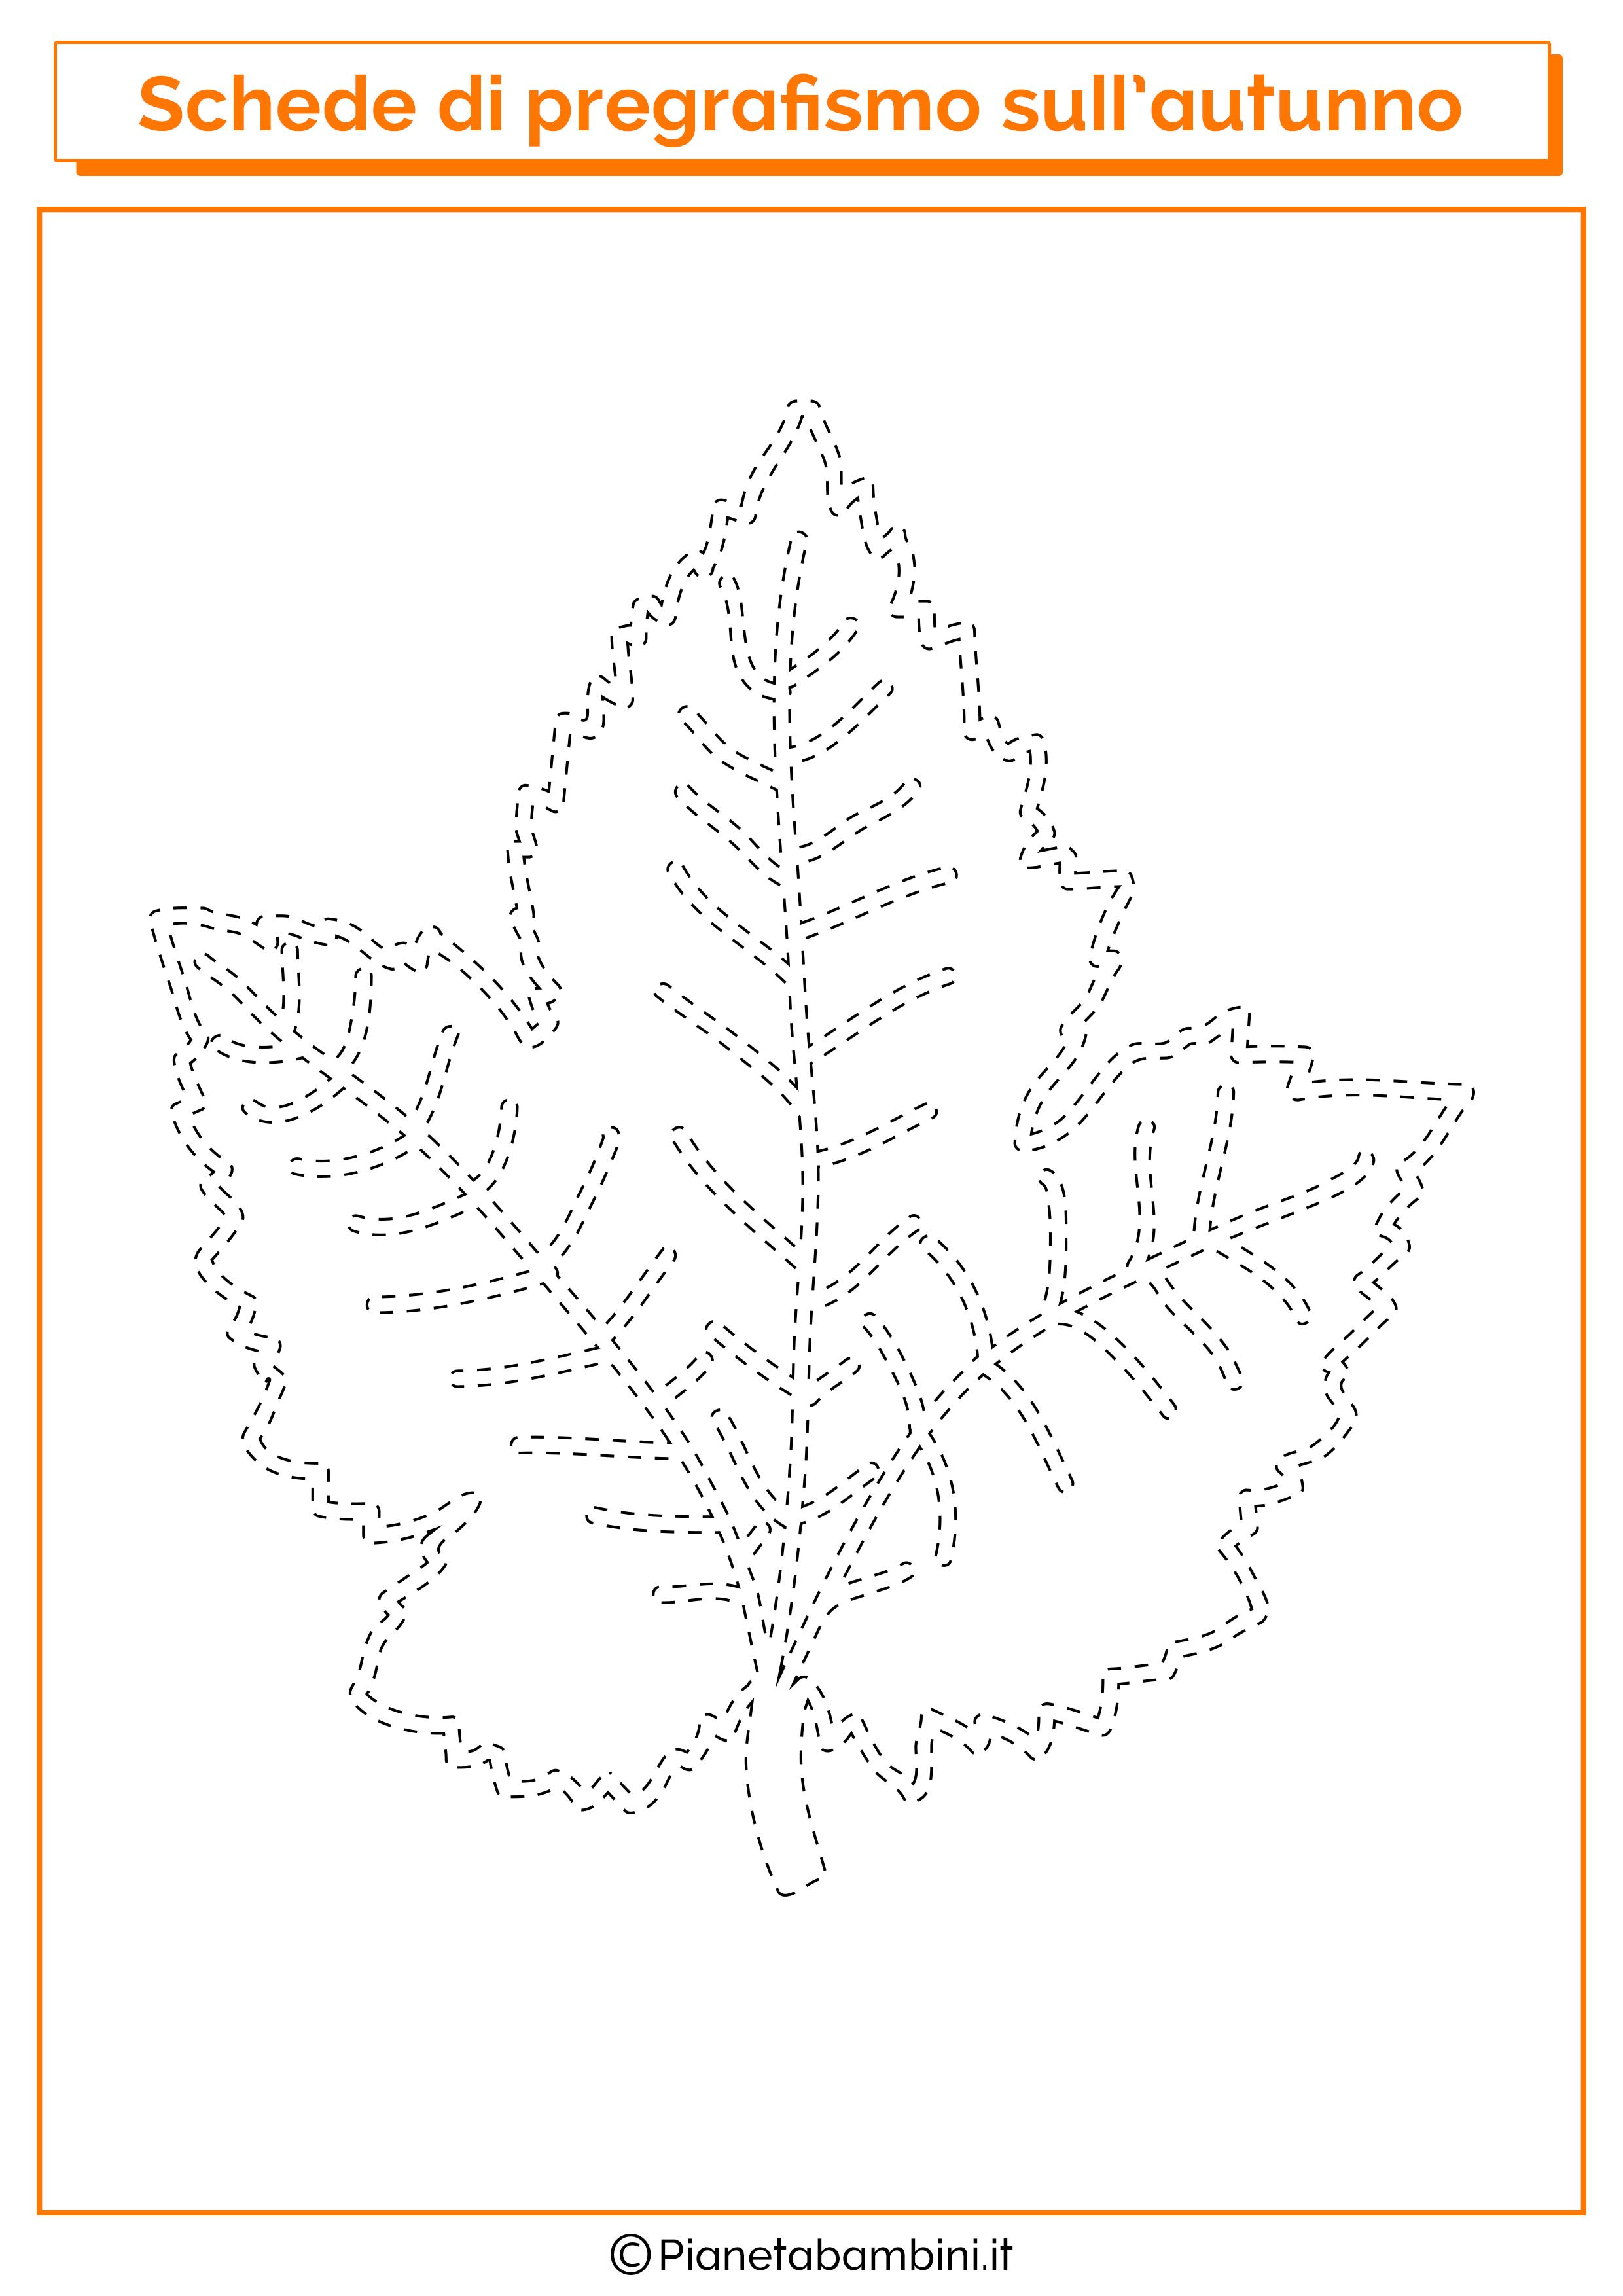 Scheda pregrafismo autunno foglia 3